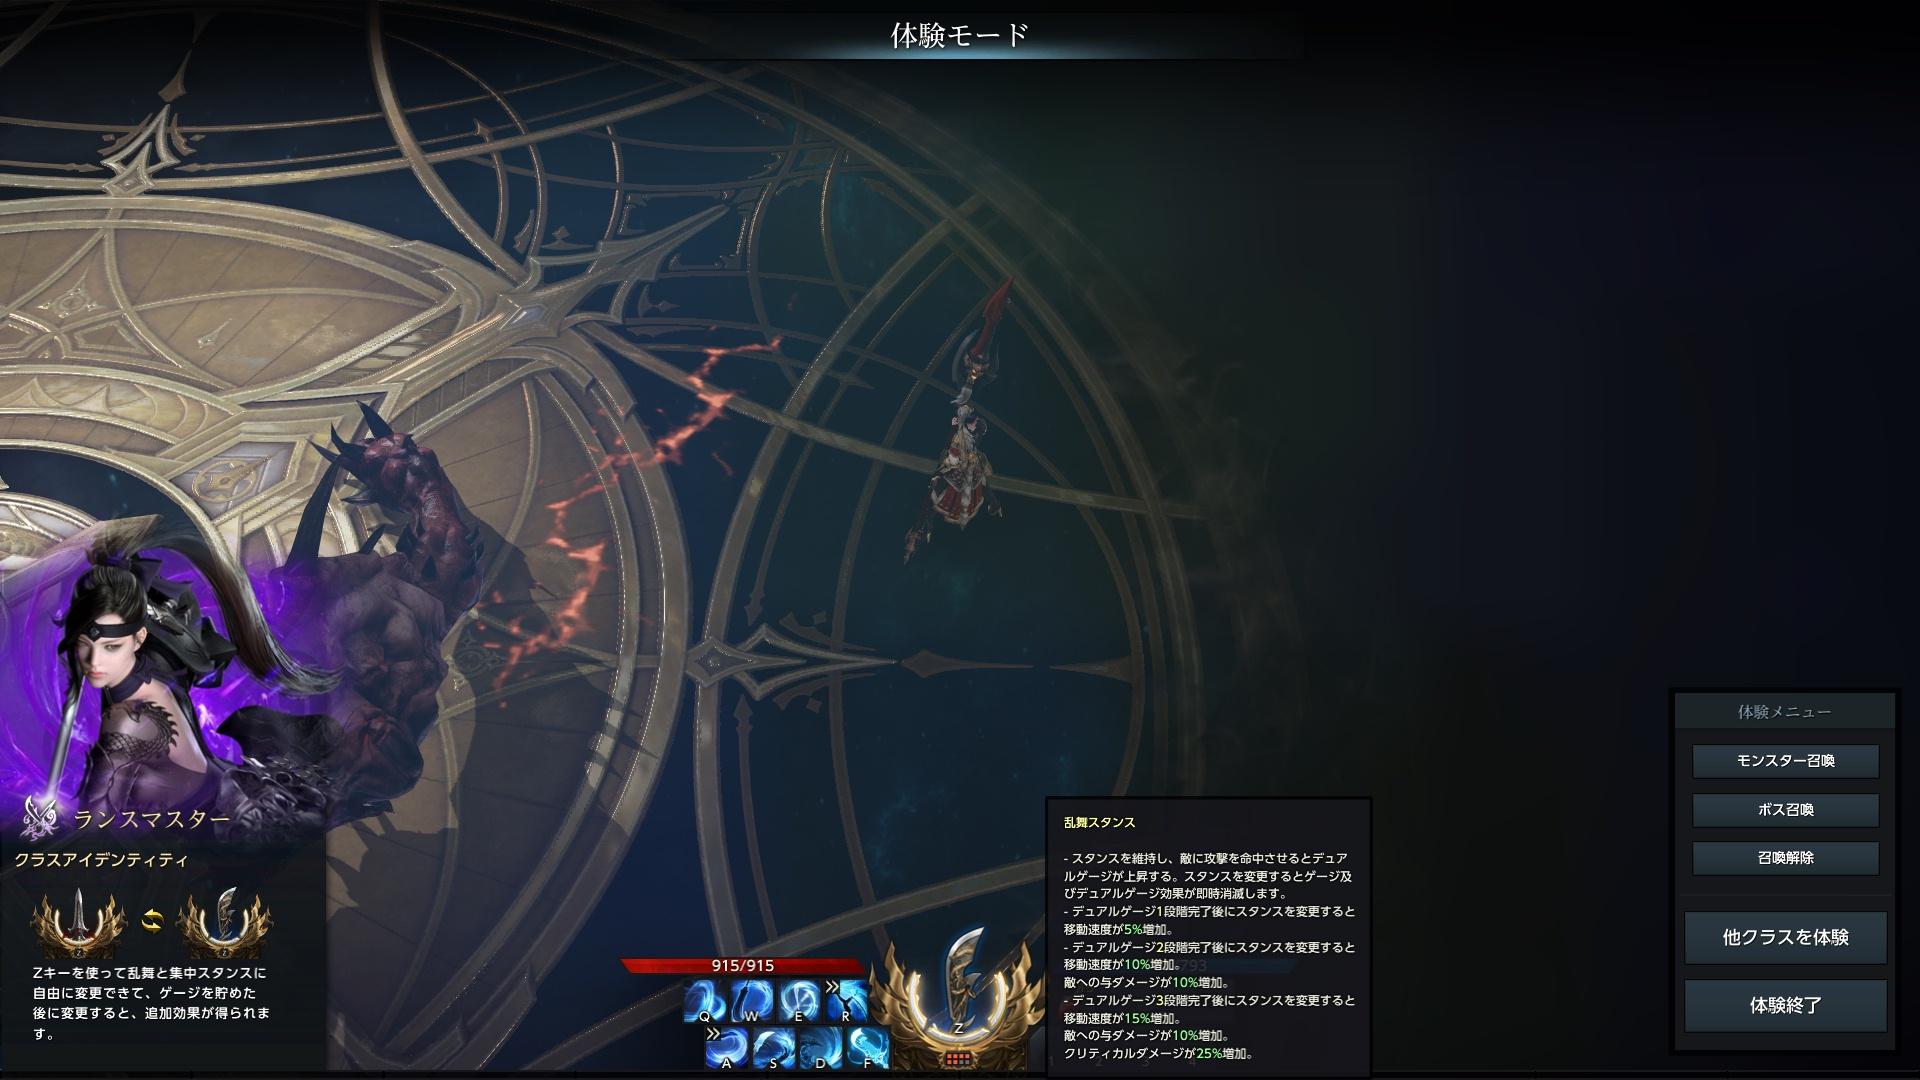 乱舞スタンスでは薙刀が武器。スキルアイコンやエフェクトは青を基調としたものとなり、広い攻撃範囲が特長